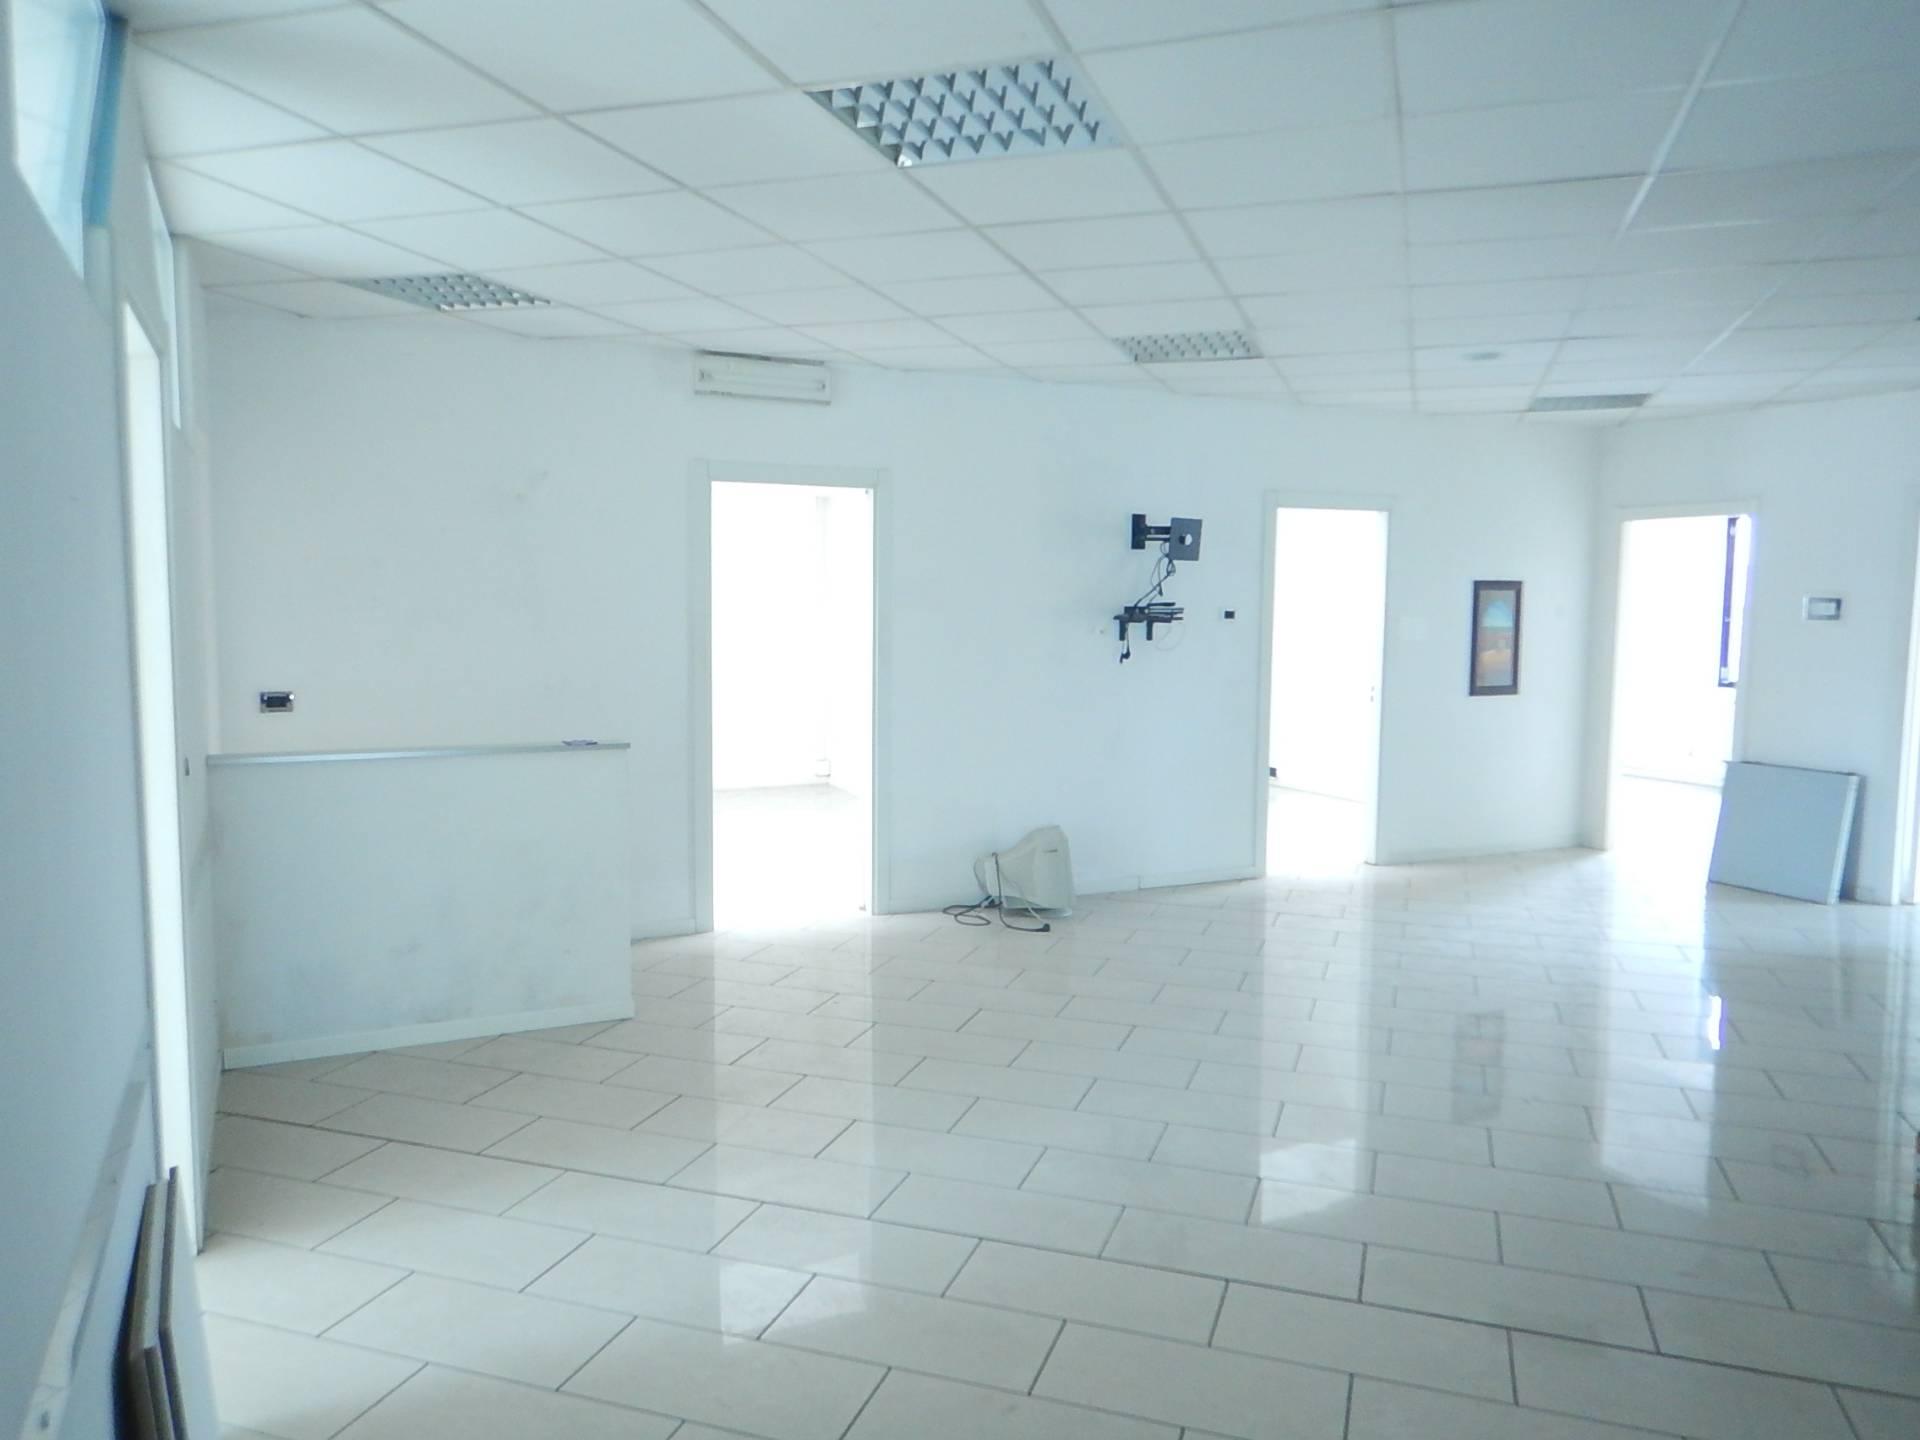 Ufficio in affitto a ferrara cod 2384 for Affitto ufficio